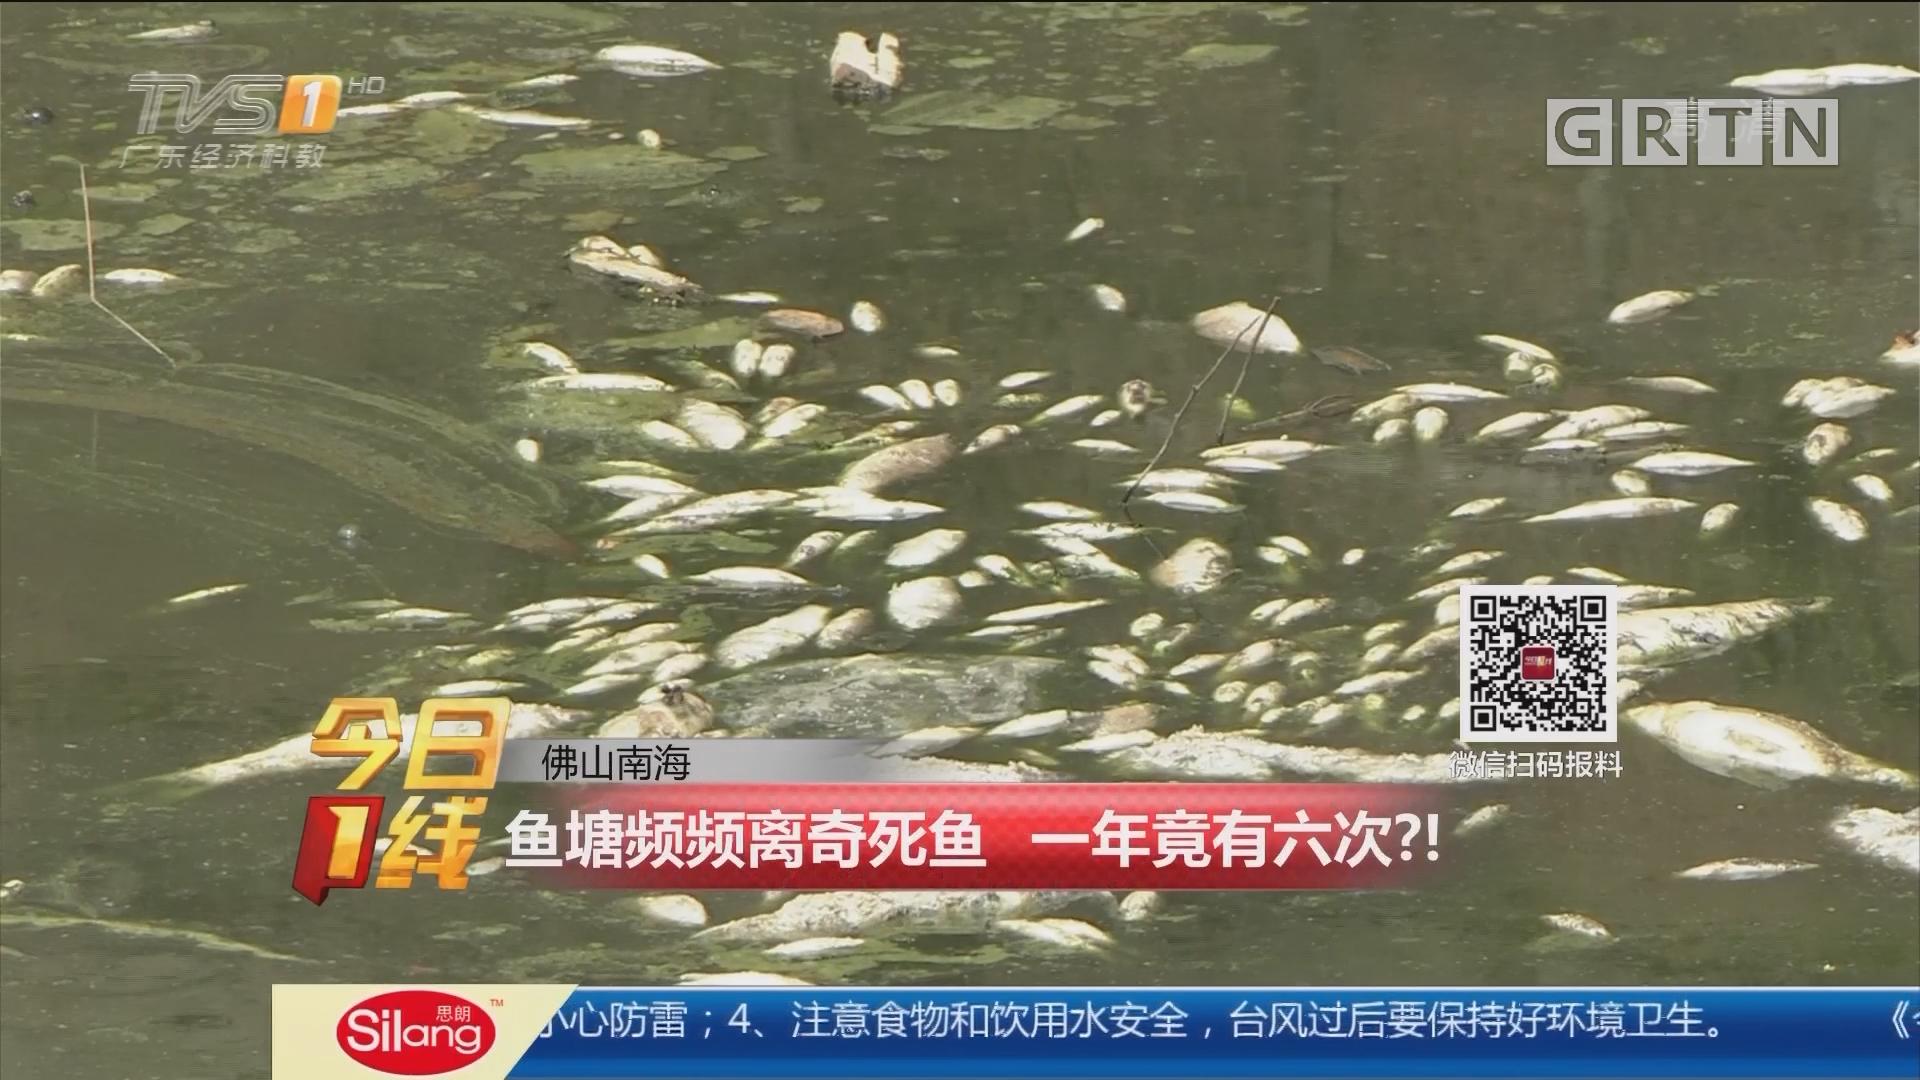 佛山南海:鱼塘频频离奇死鱼 一年竟有六次?!